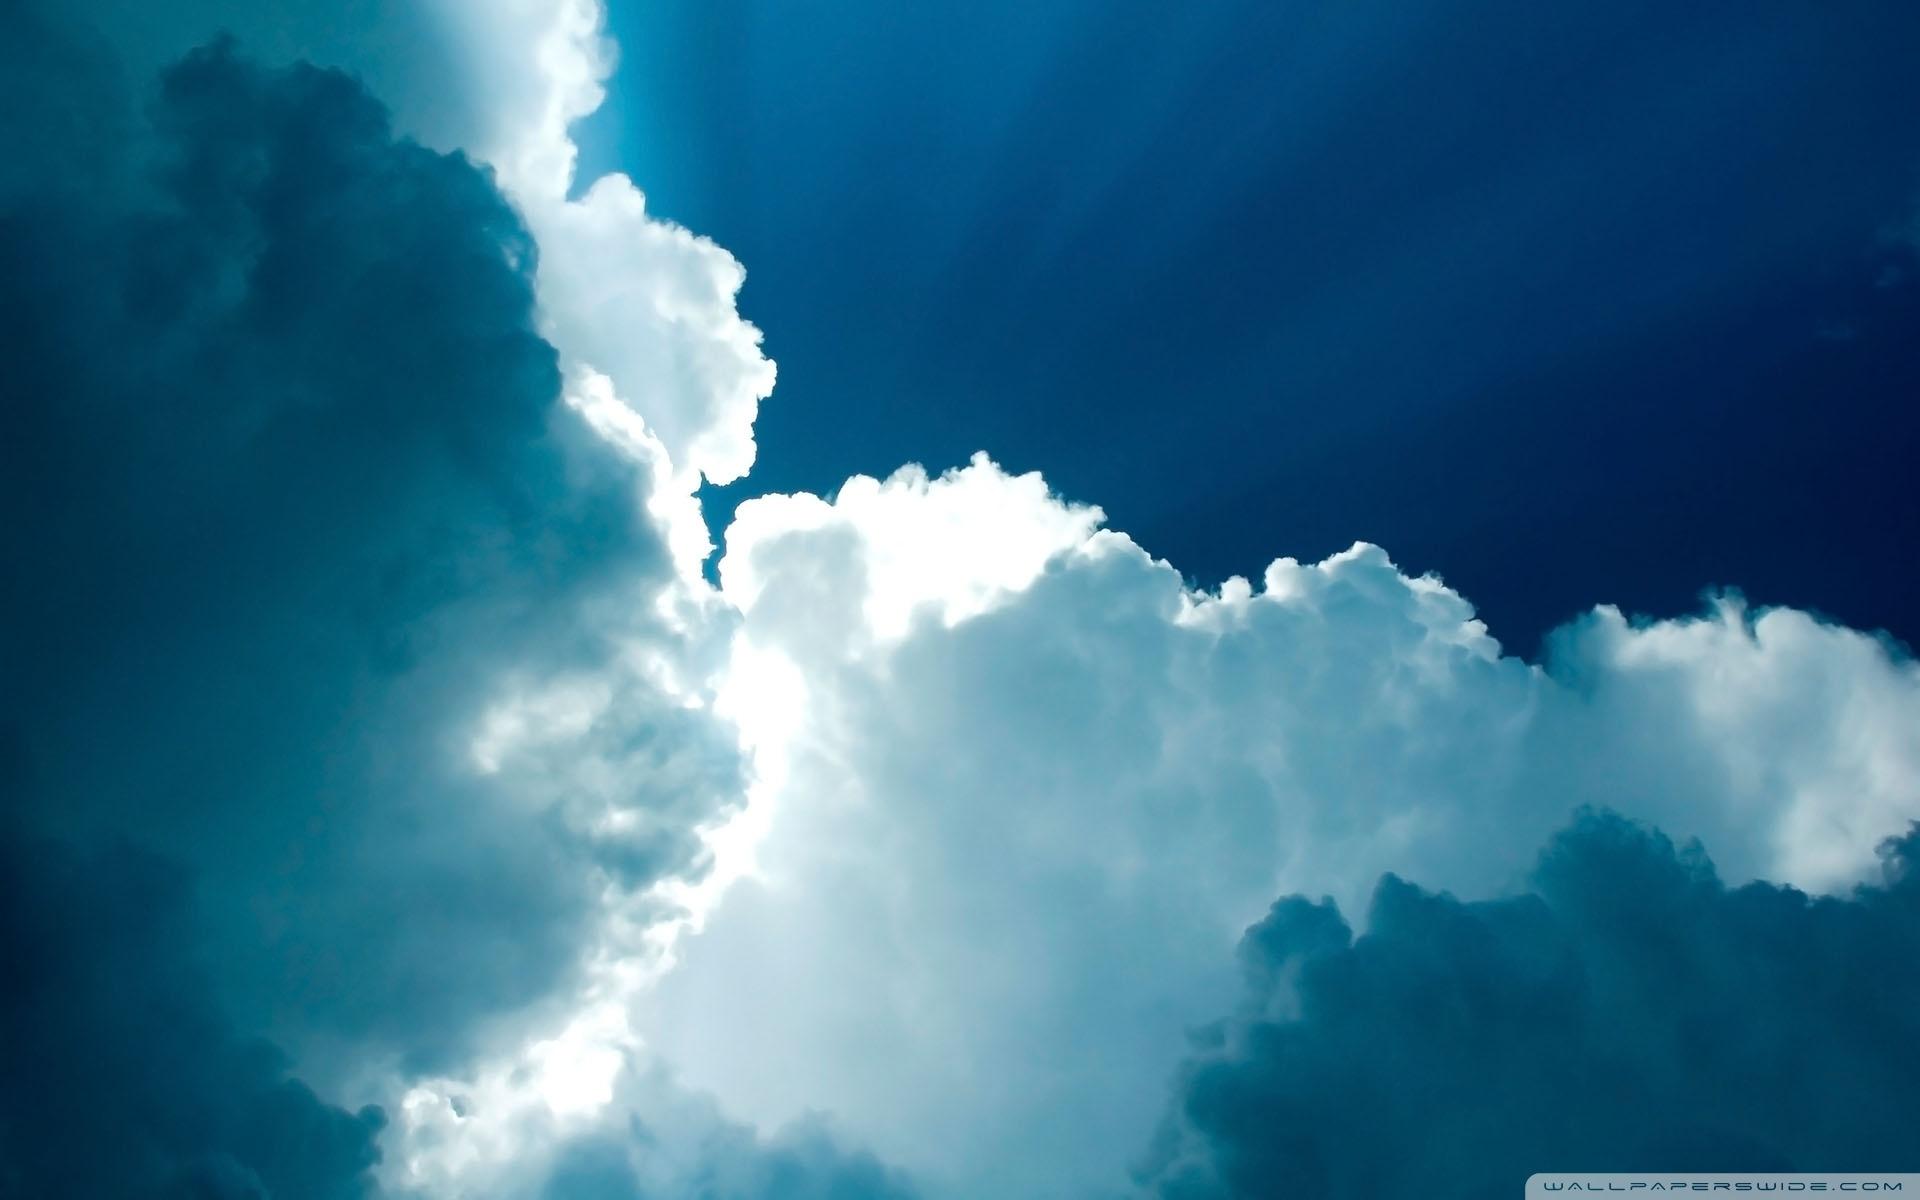 白云蓝天大海简笔画高清图片::蓝天白云的简笔画图片